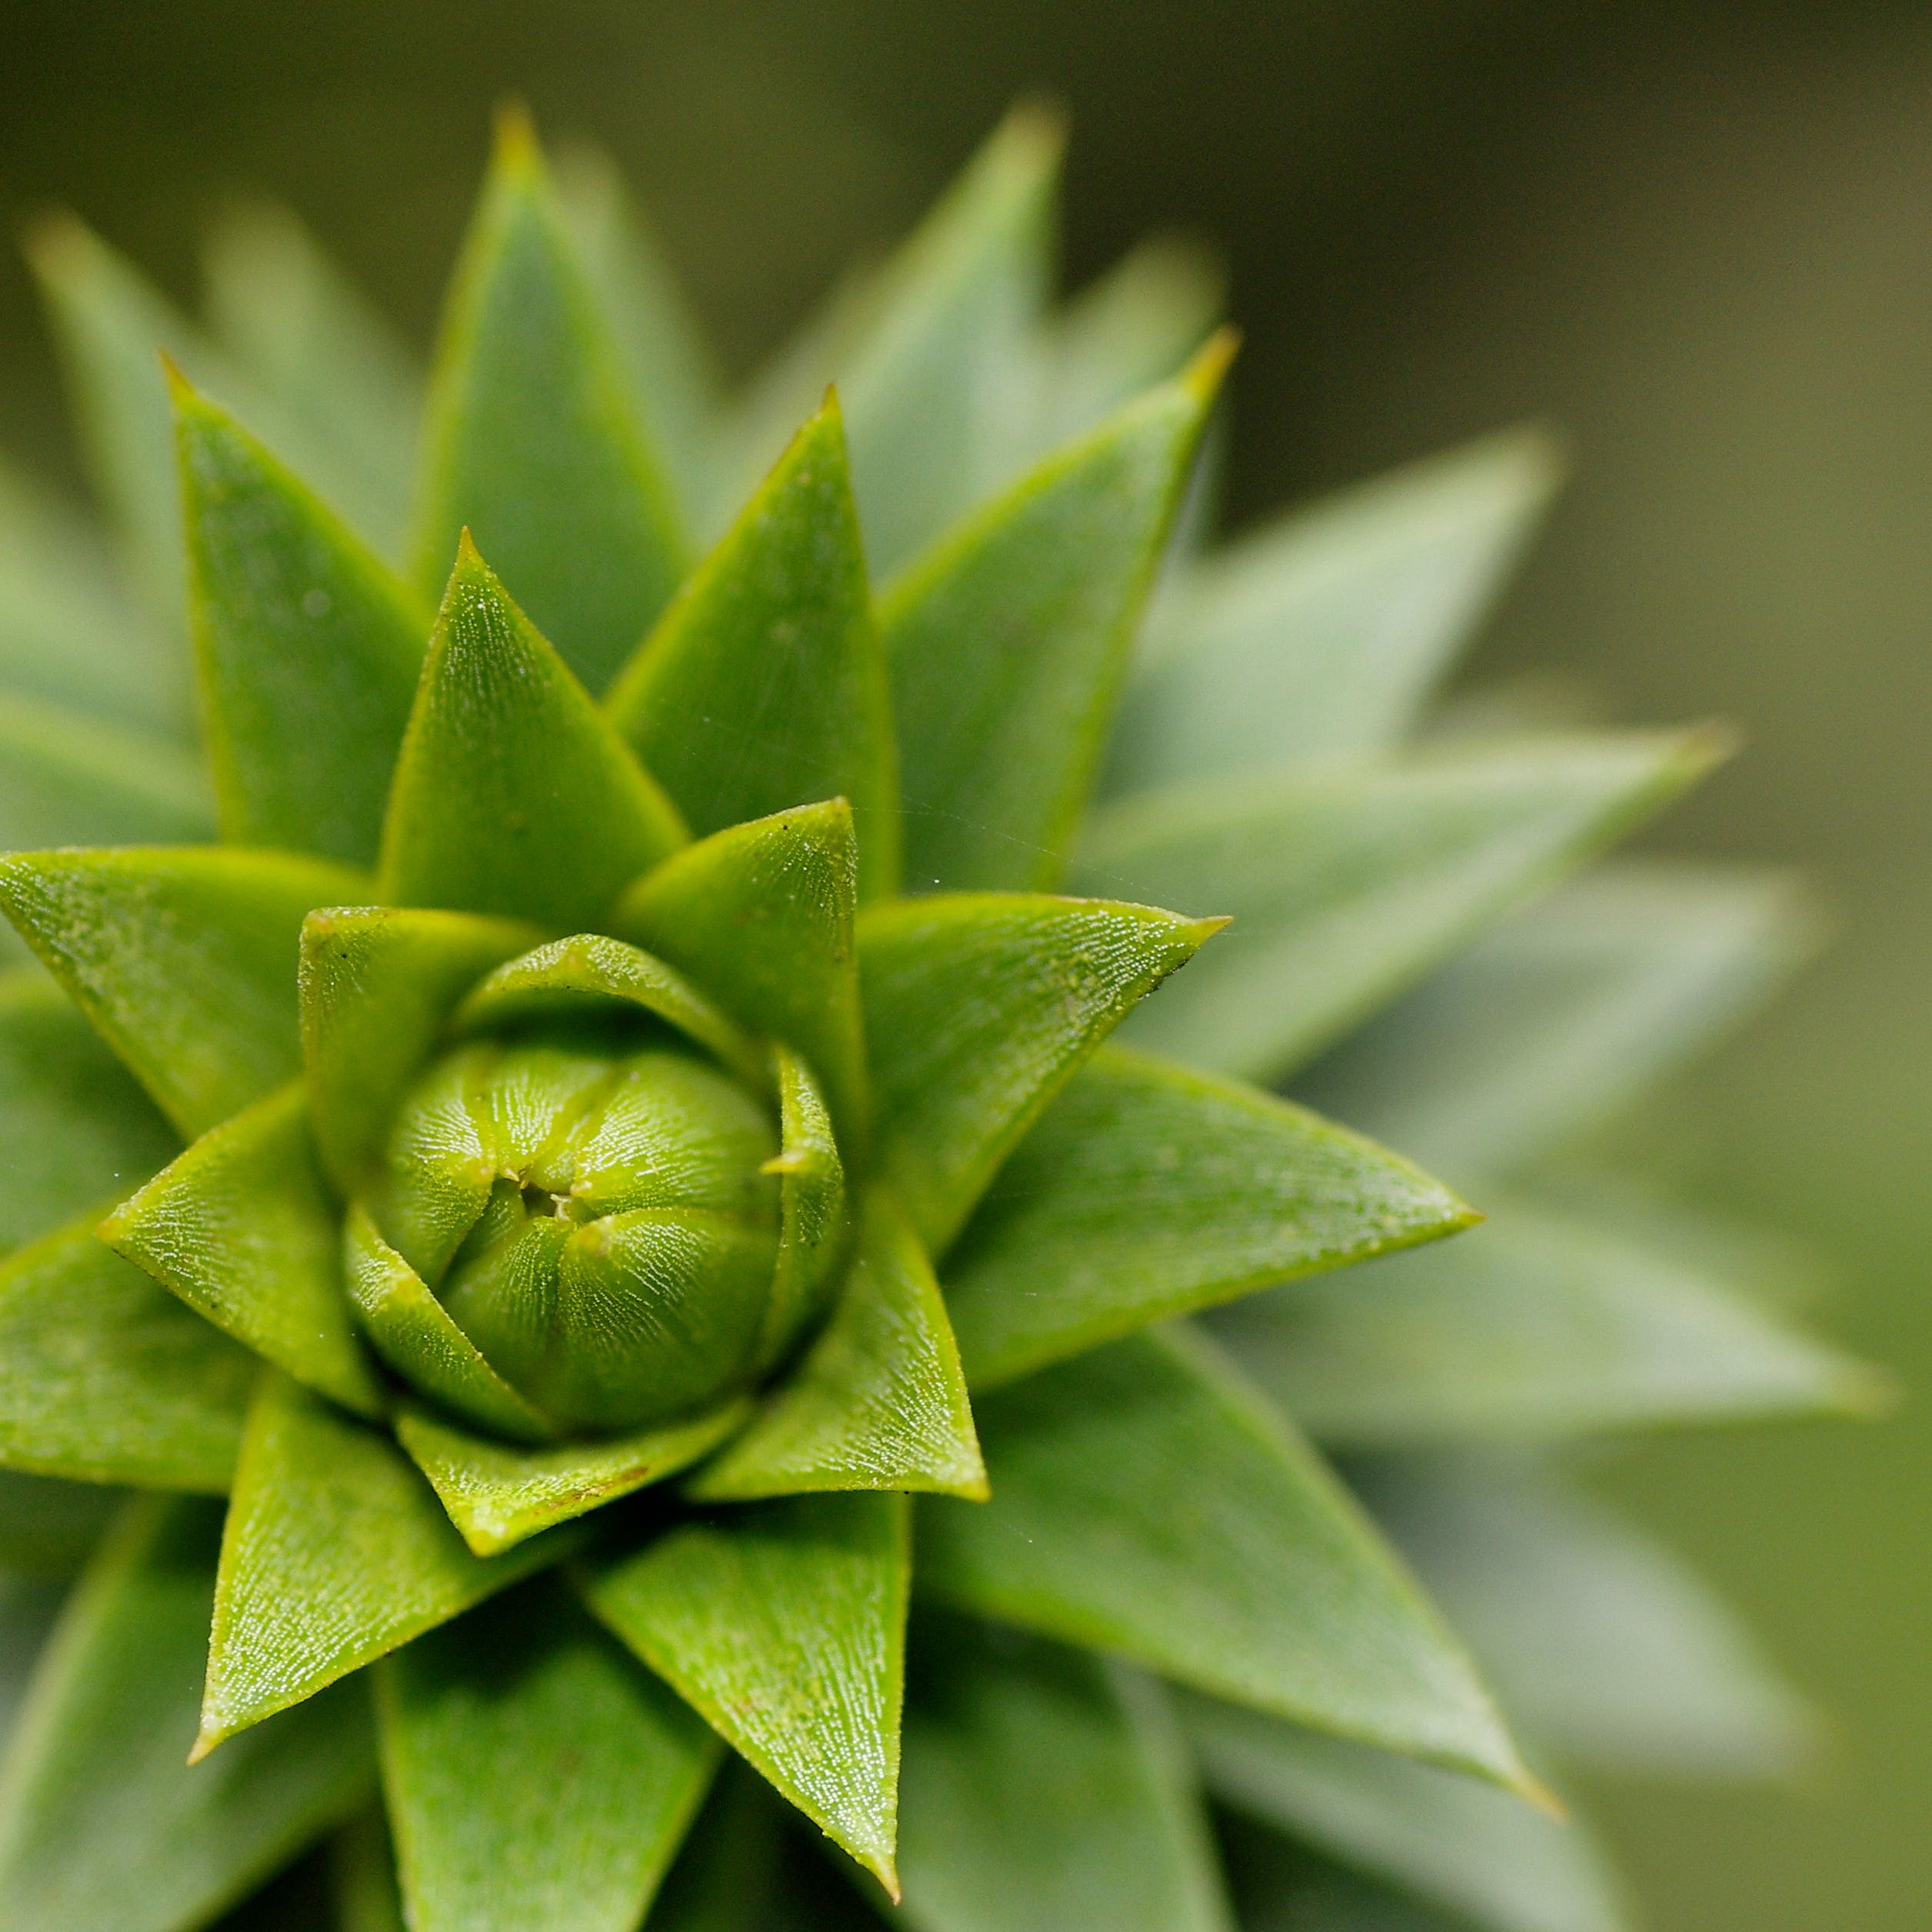 Kostenloses Stock Foto zu botanisch, farben, grün, hell